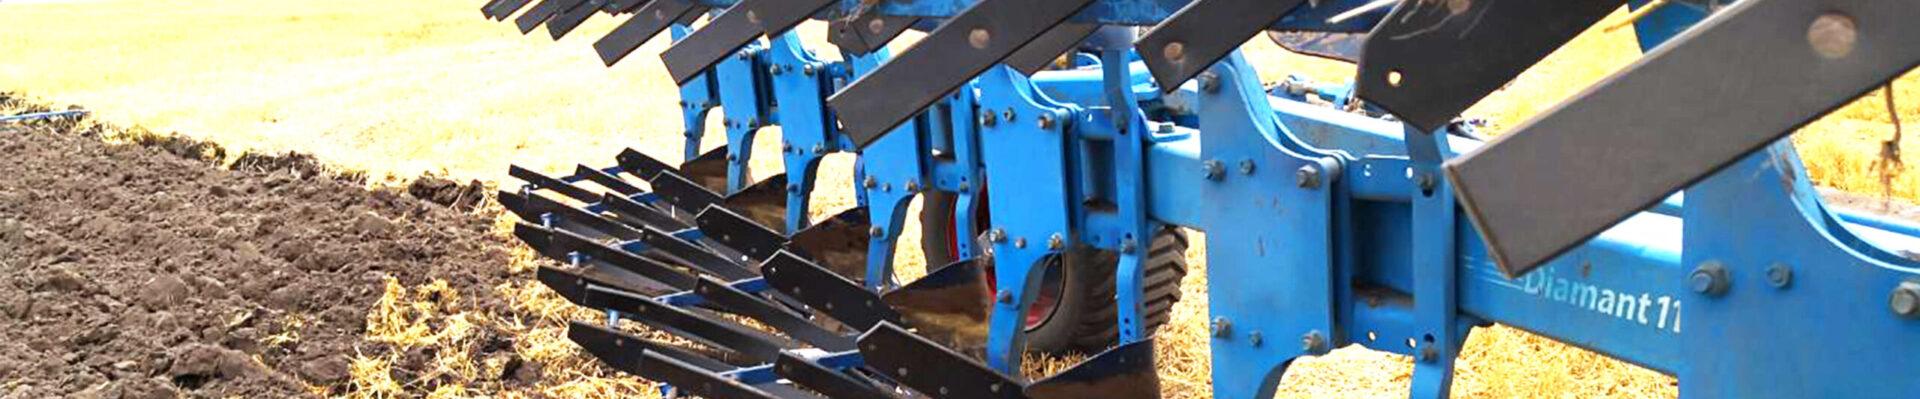 Зерновий шнек комбайна Claas Dominator 678959, 678959.0, 000678959, 0006789590